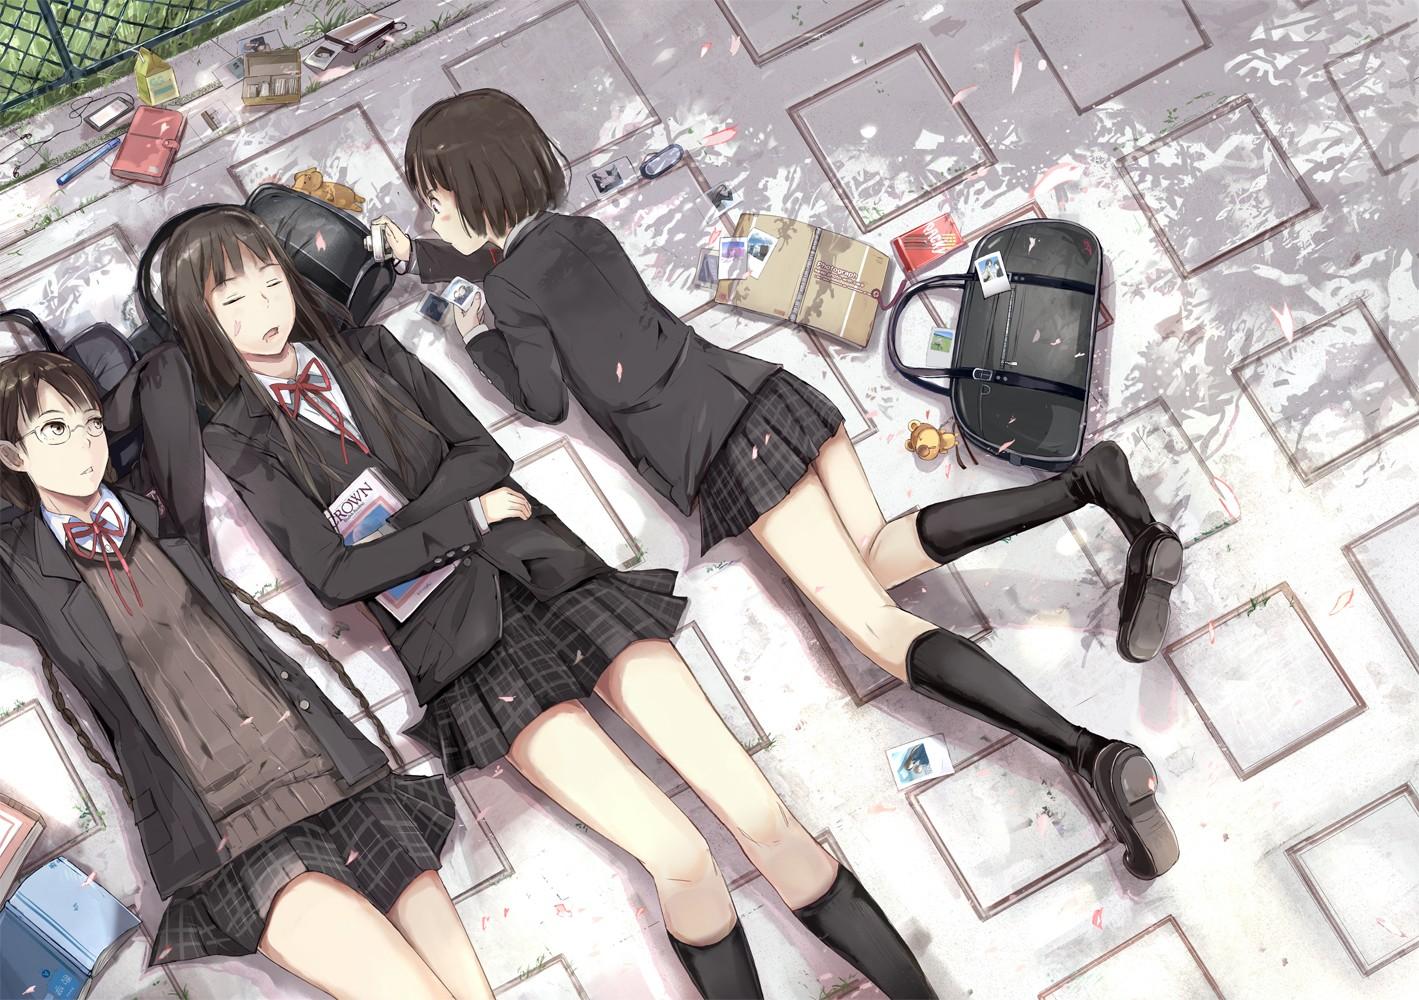 Android Kawaii Anime Wallpaper Wallpaper